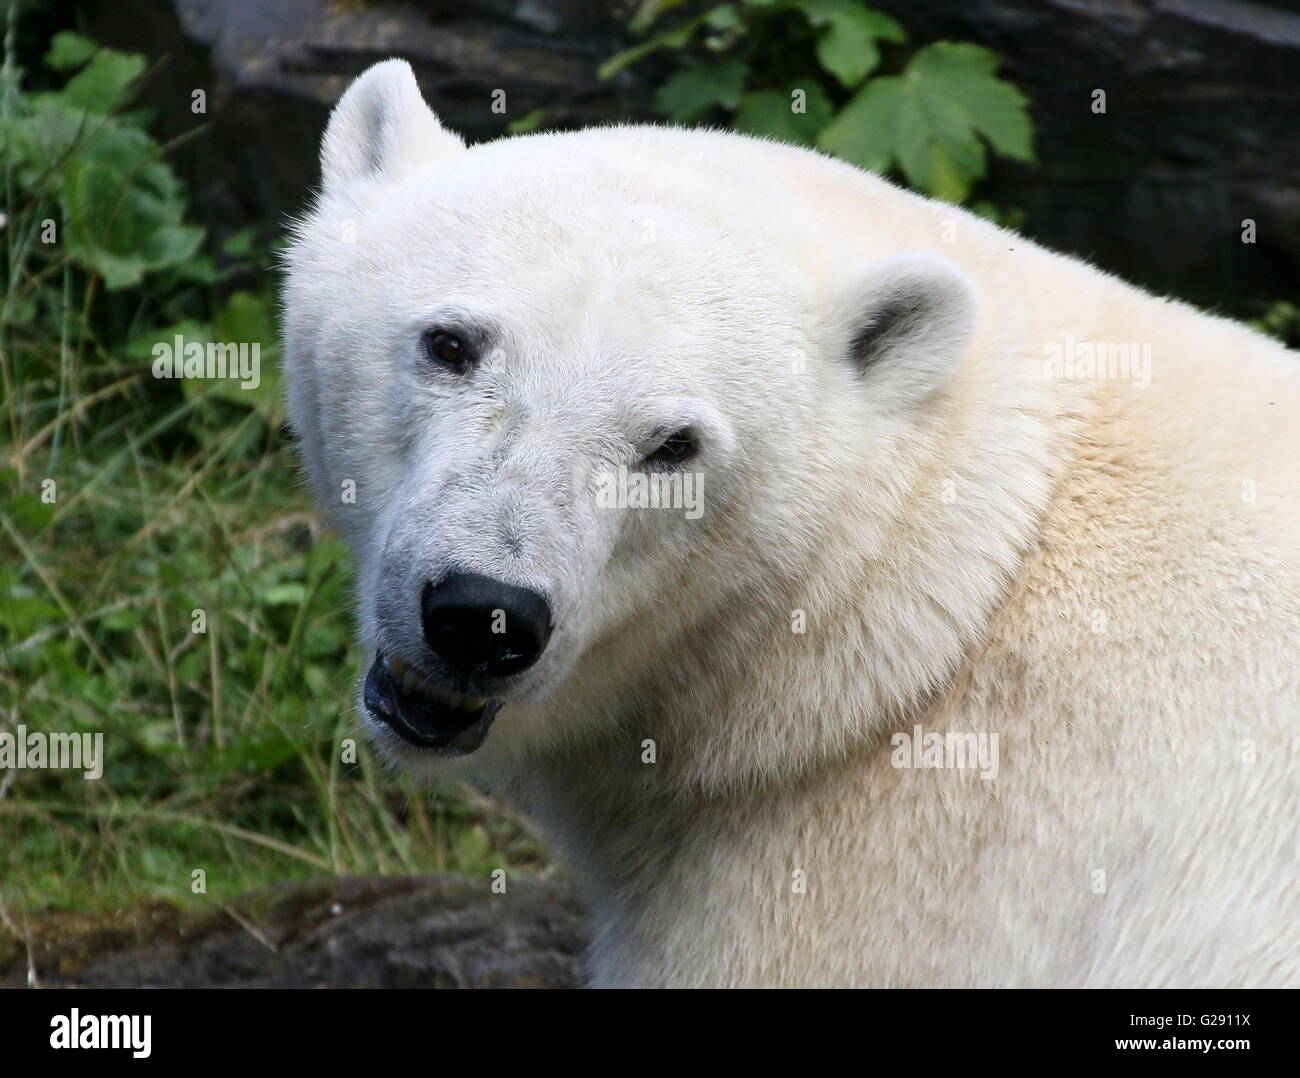 Chauds femme ours polaire (Ursus maritimus) libre de la tête Photo Stock